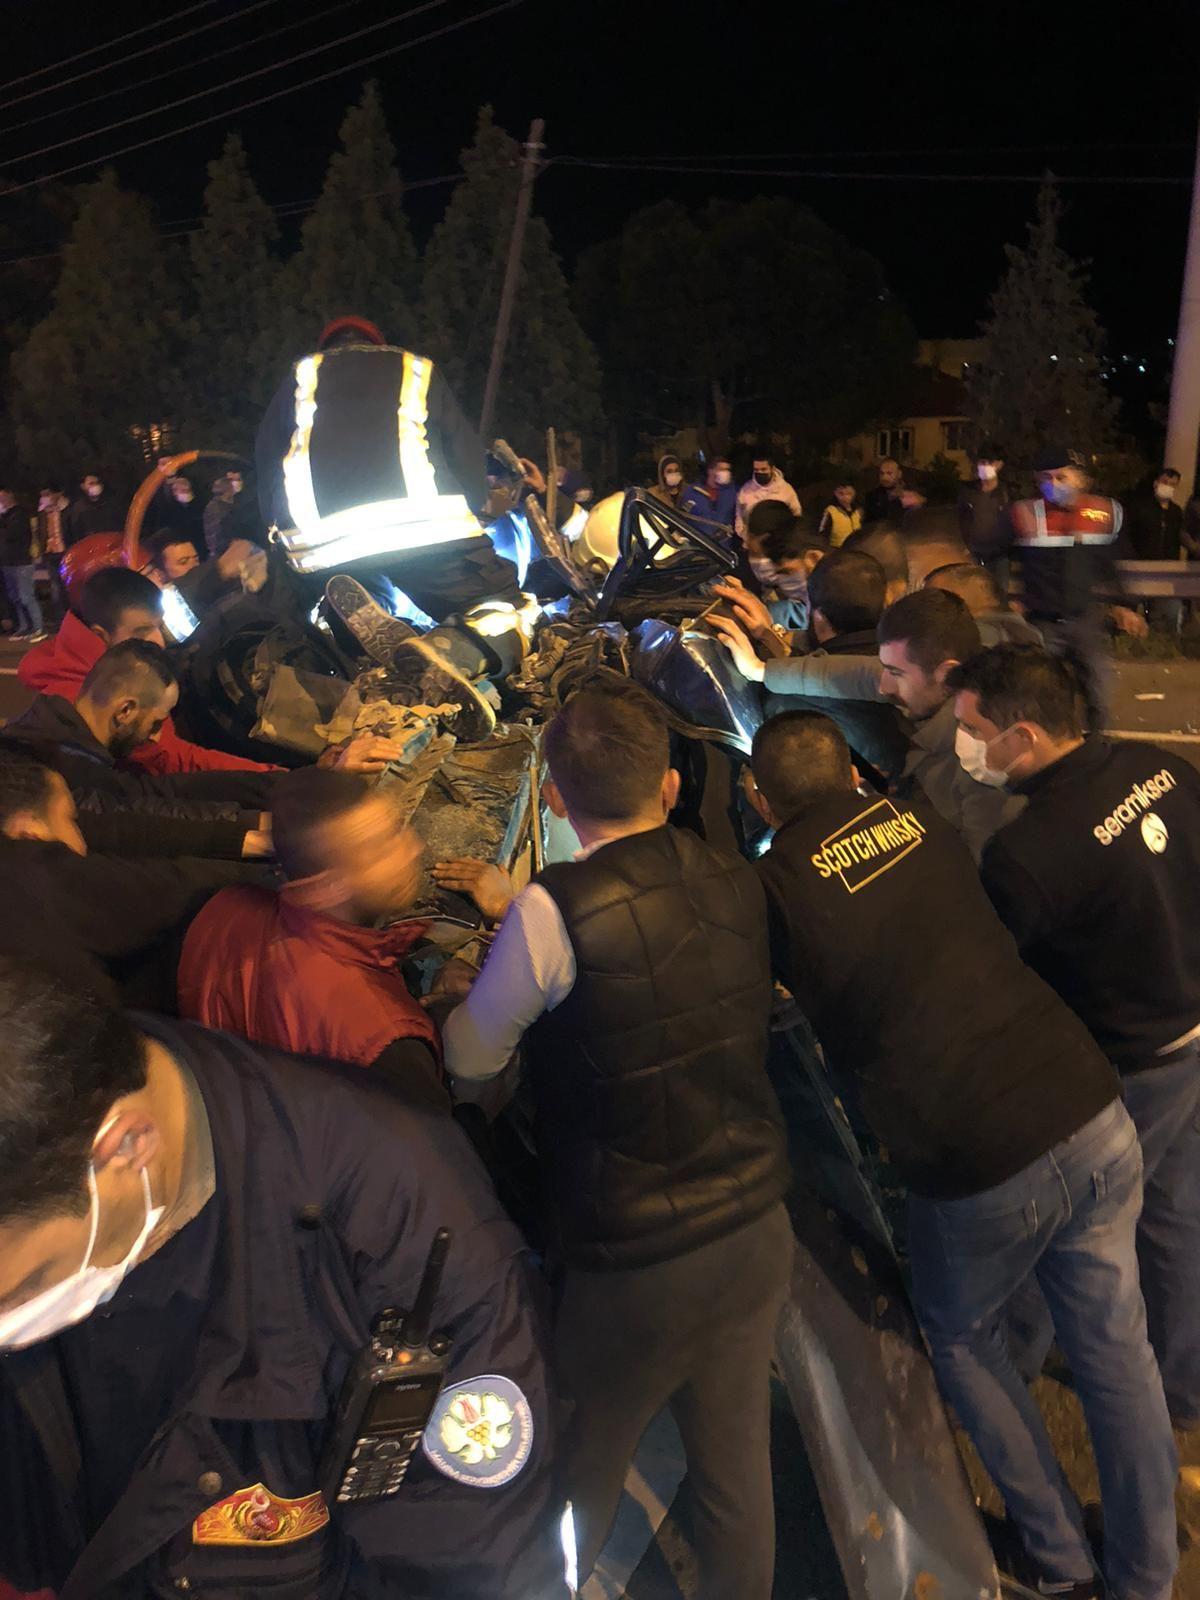 Manisa'da feci kaza: 2 ölü, 4 yaralı #5